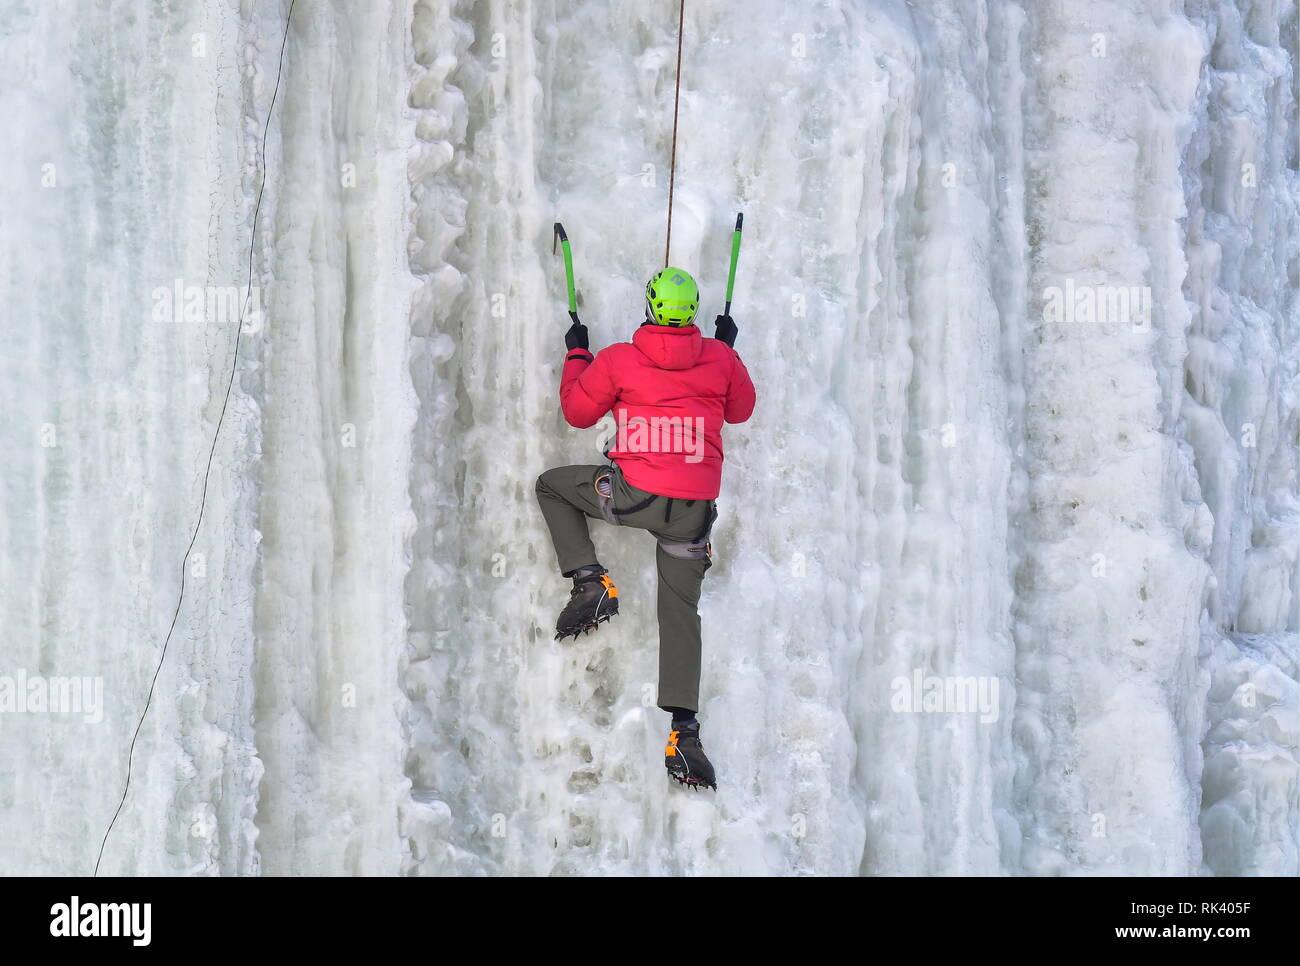 Yekaterinovka, la Russie. 09Th Feb 2019. La Russie. 09Th Feb 2019. PRIMORYE TERRITORY, RUSSIE - Février 9, 2019: un participant dans une fédération de l'escalade sur glace de la Coupe du monde sur un mur d'escalade de glace du Przhevalsky rock dans le village de Yekaterinovka. Yuri/Smityuk Crédit: TASS ITAR-TASS News Agency/Alamy Live News Photo Stock